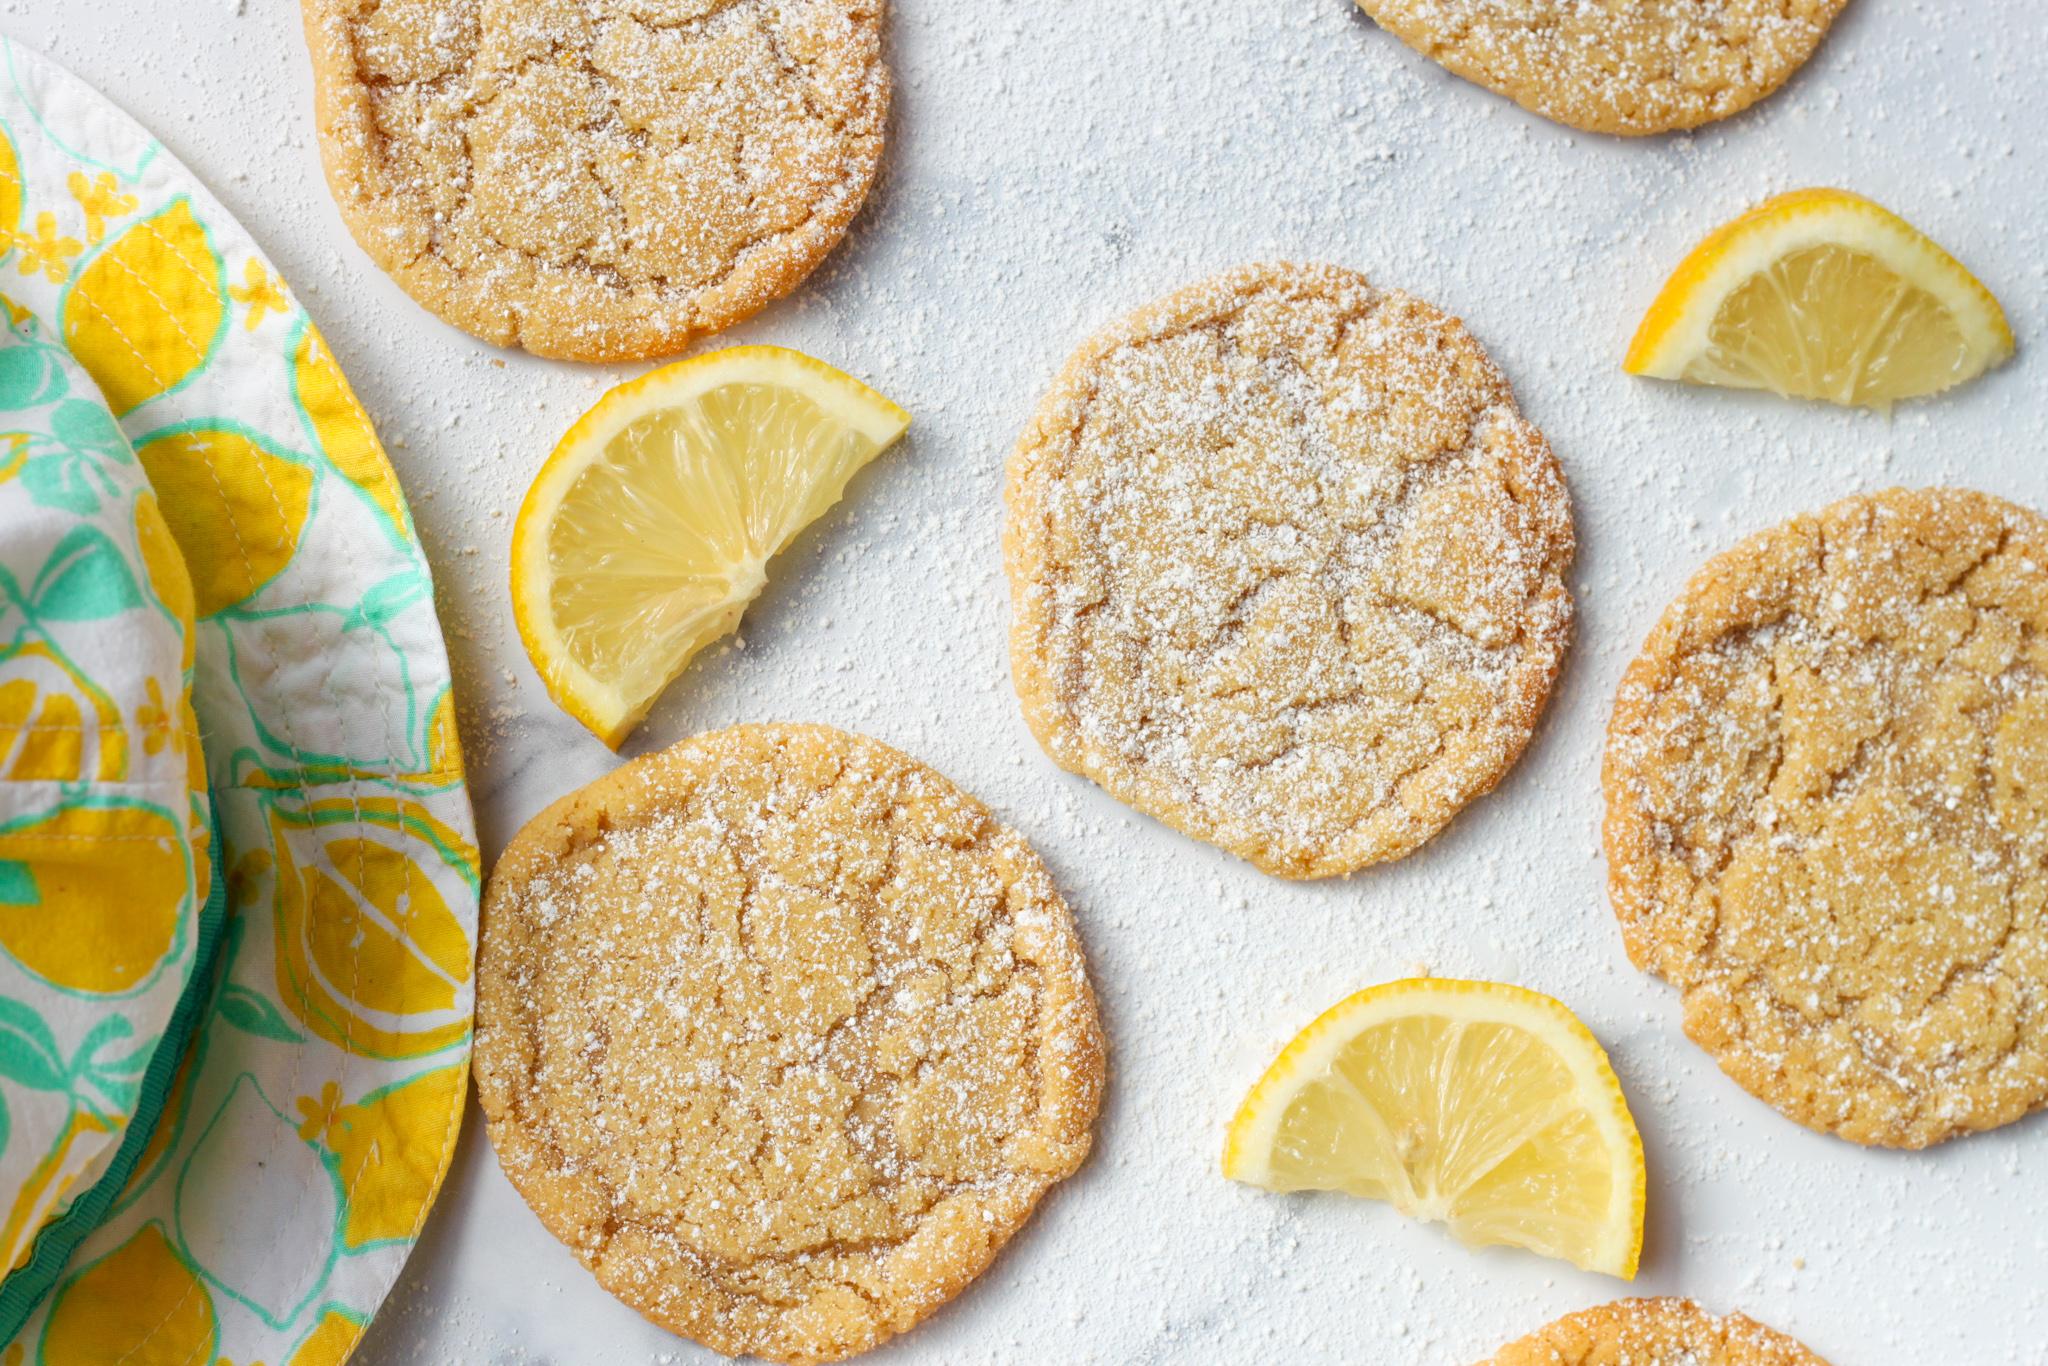 My Lemon sugar cookies inspired by Lemons + Zest